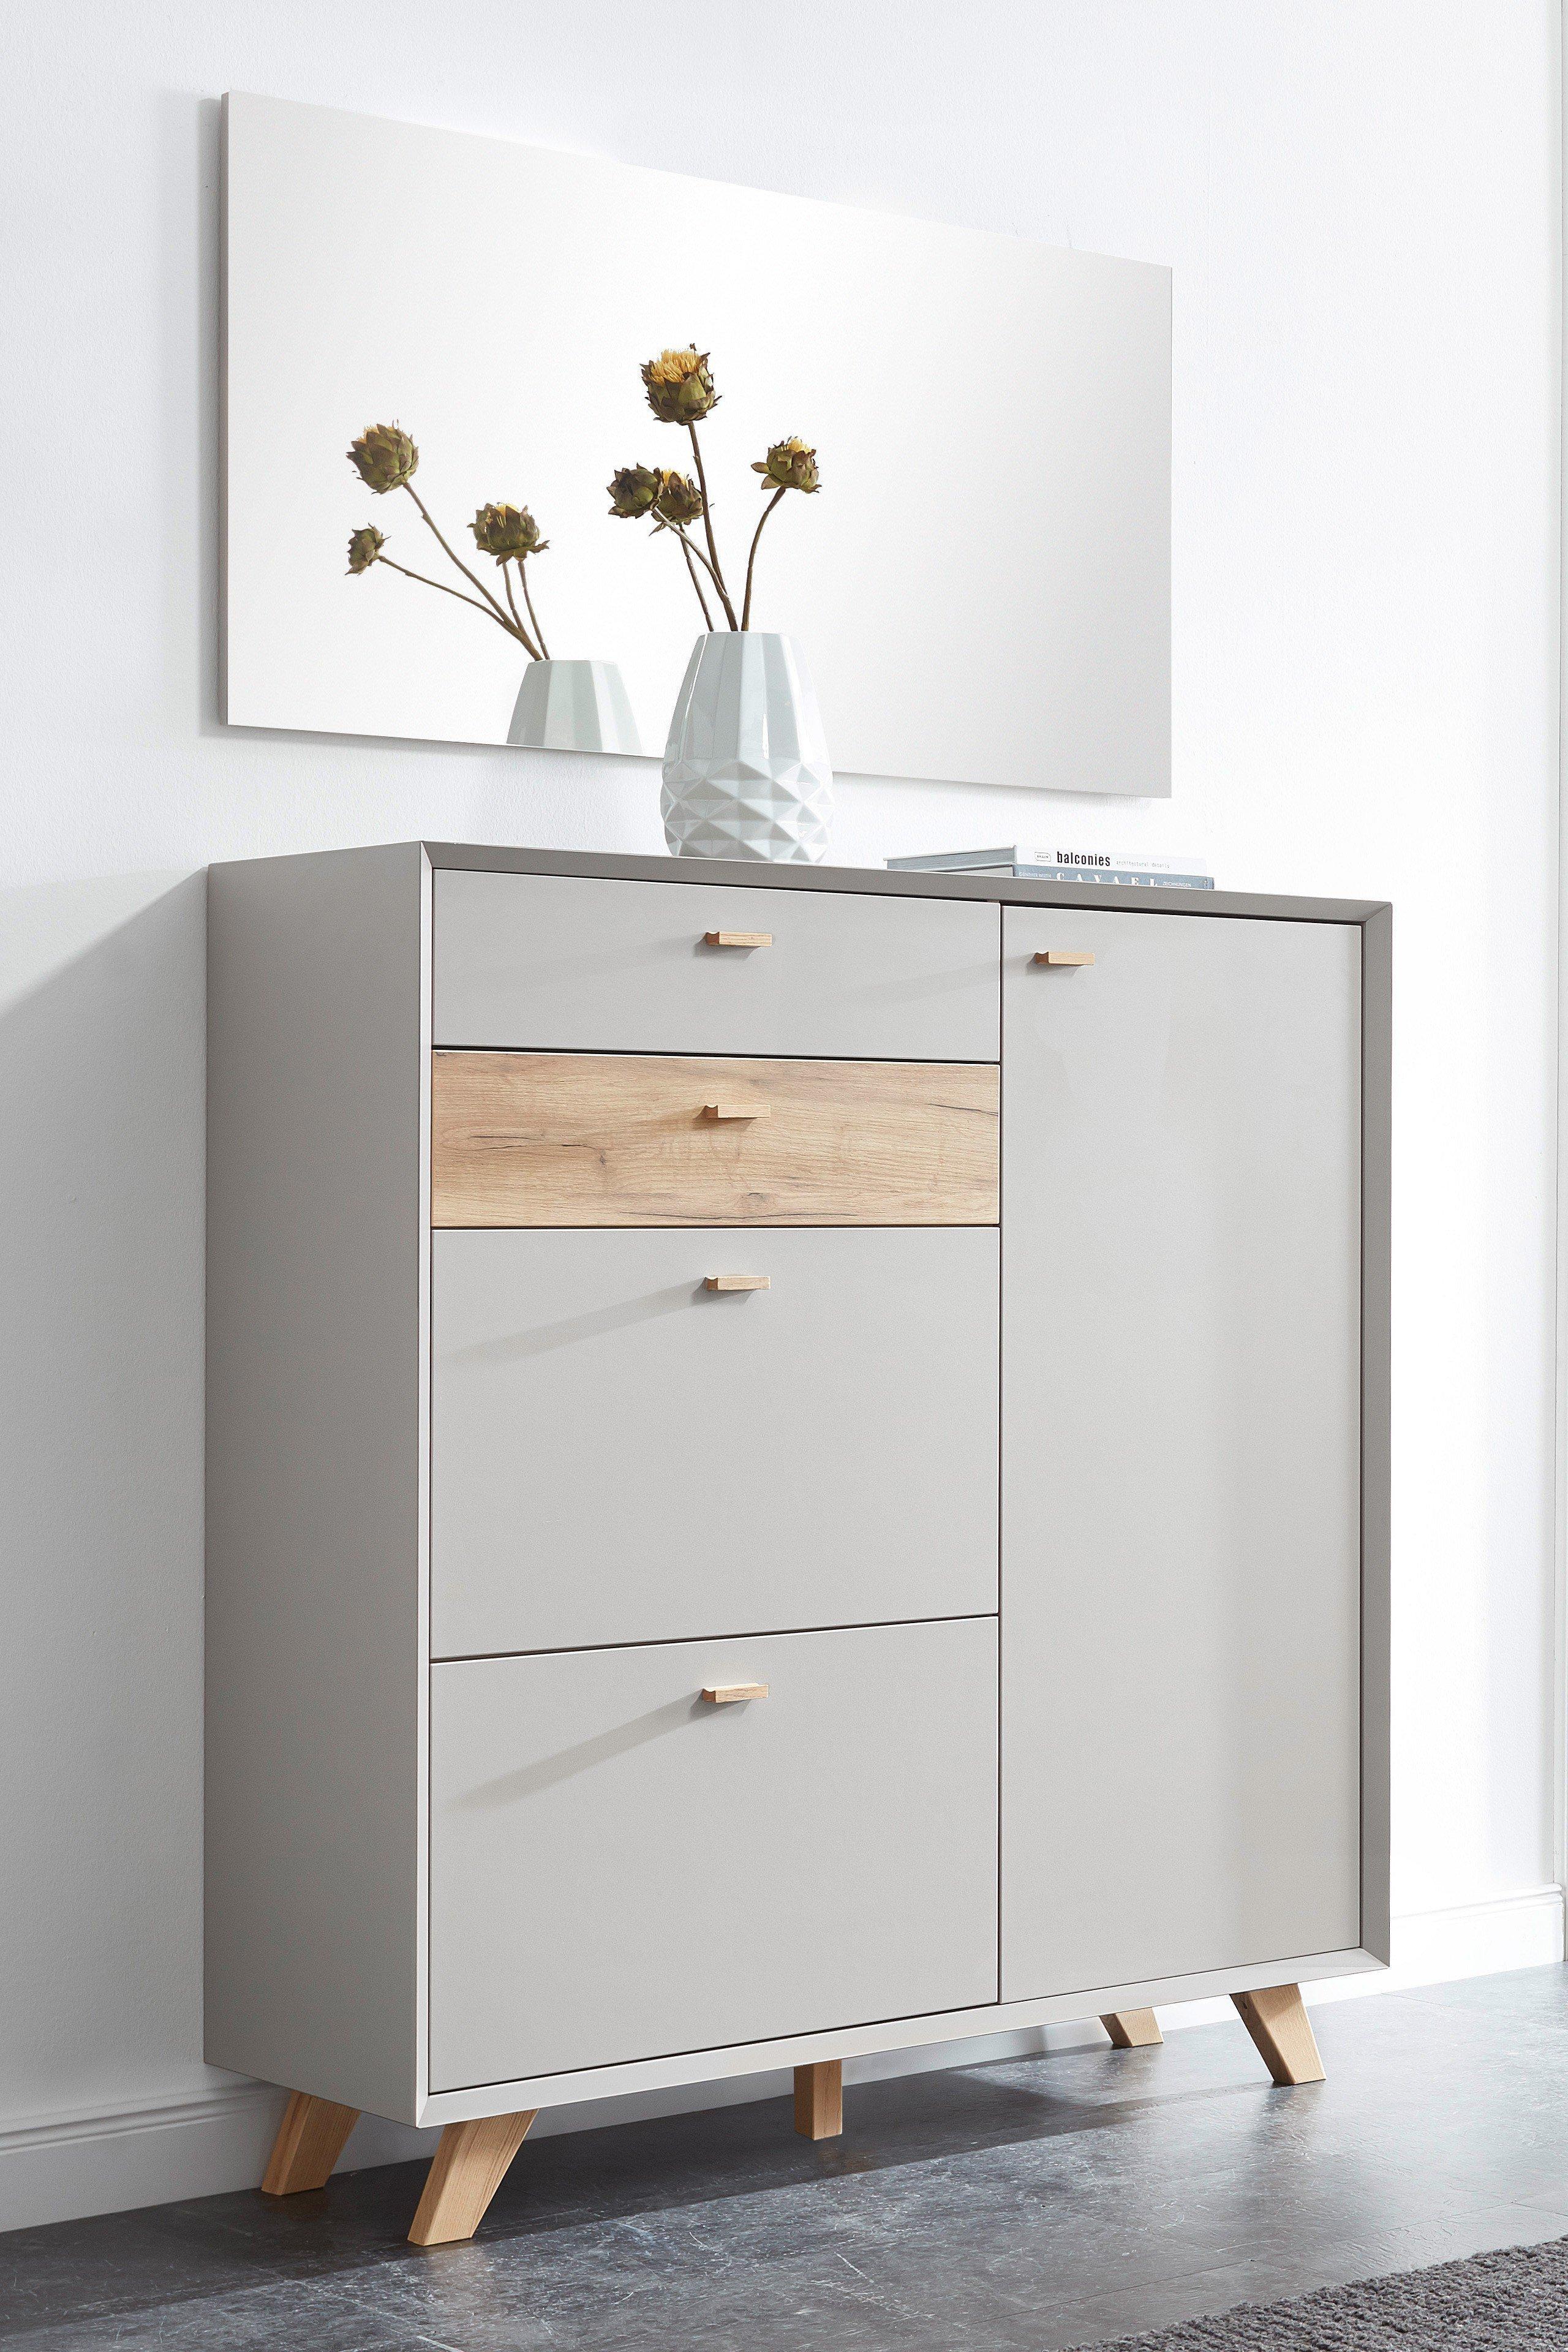 skandinavische garderobe aleksi grau eiche m bel letz ihr online shop. Black Bedroom Furniture Sets. Home Design Ideas